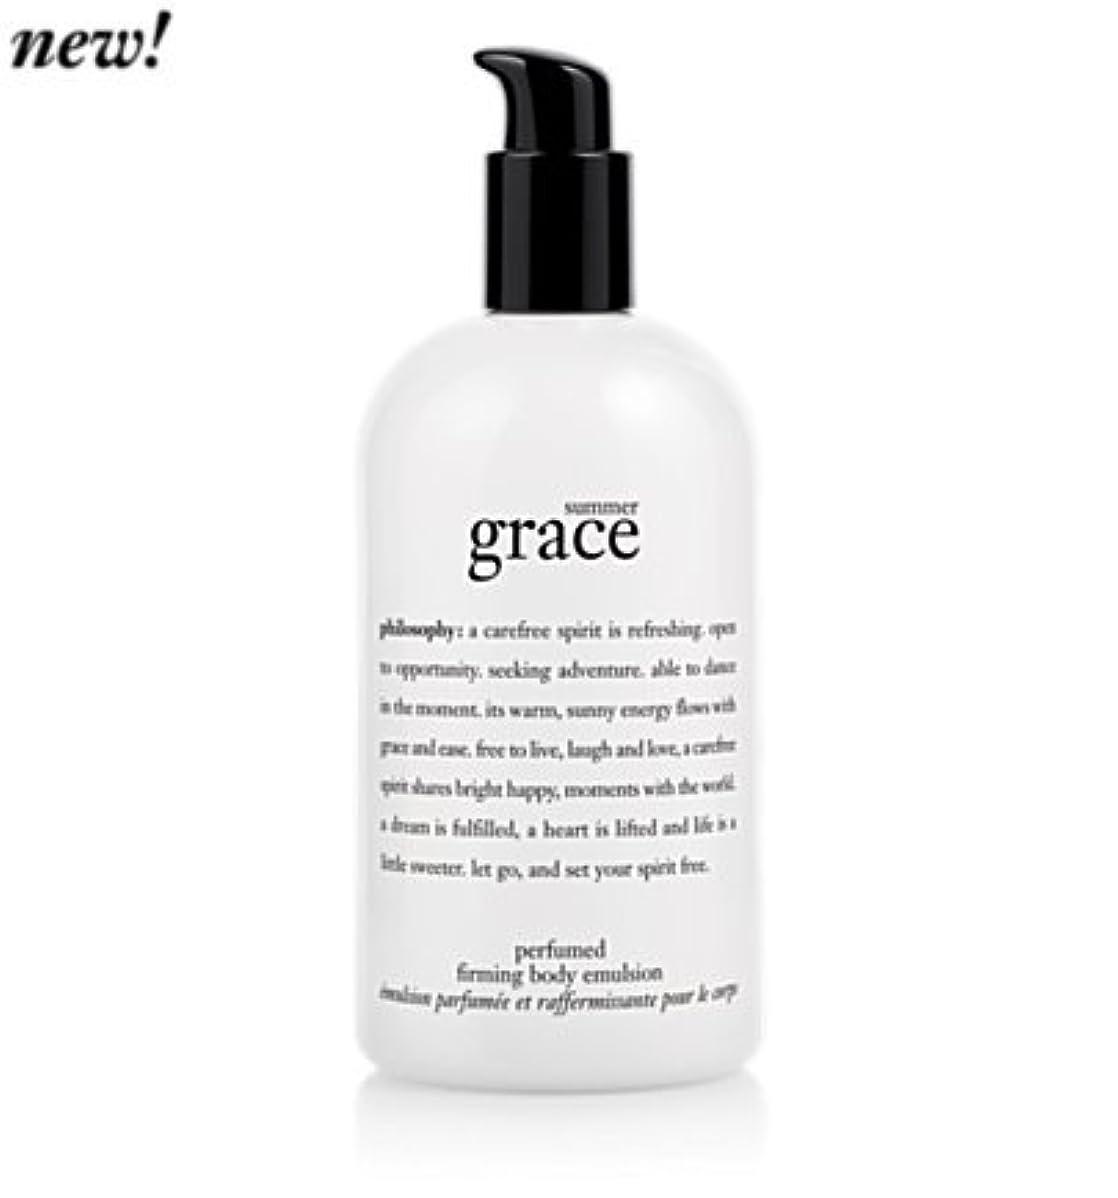 浸漬ハイブリッド無限'summer grace (サマーグレイス) 16.0 oz (480ml) perfumed firming body emulsion for Women